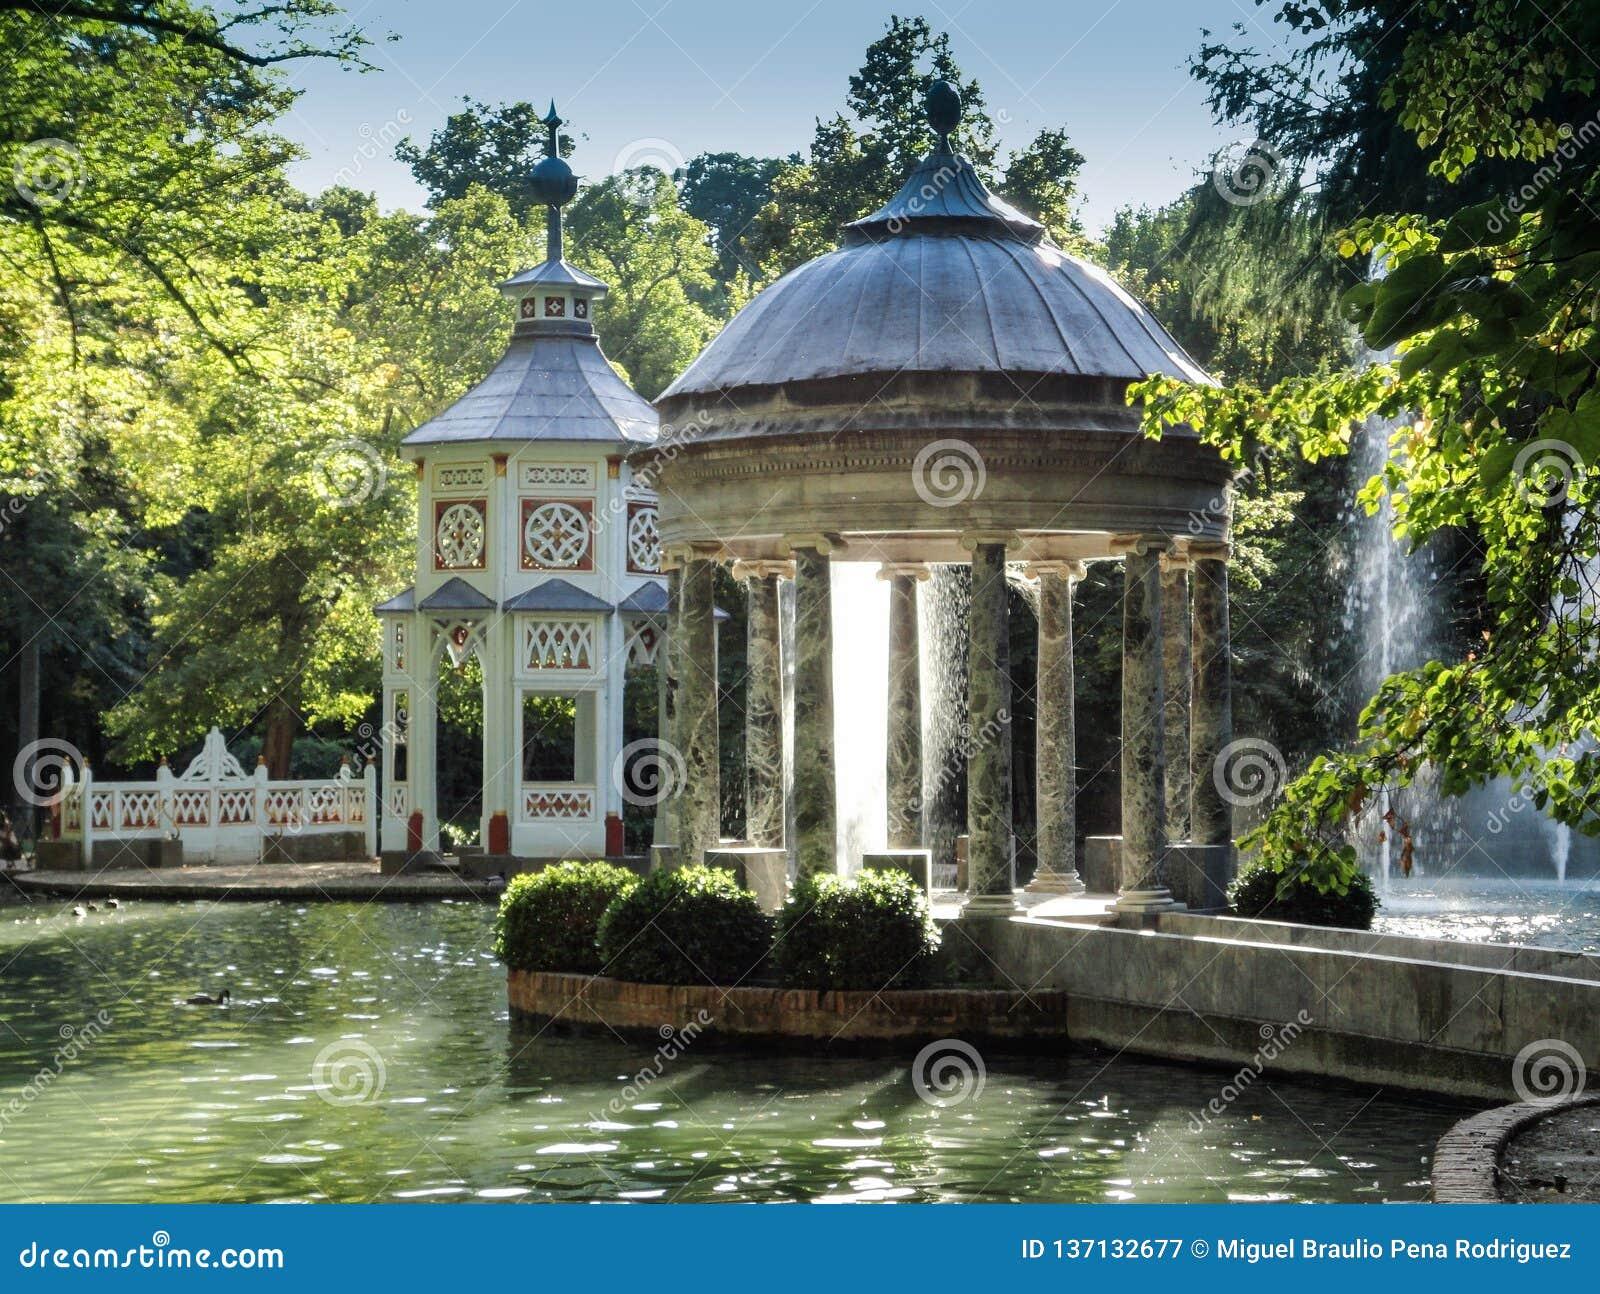 Staw Chinescos, to Aranjuez, Madryt ty znajdujesz w środkowej strefie ogródy książe